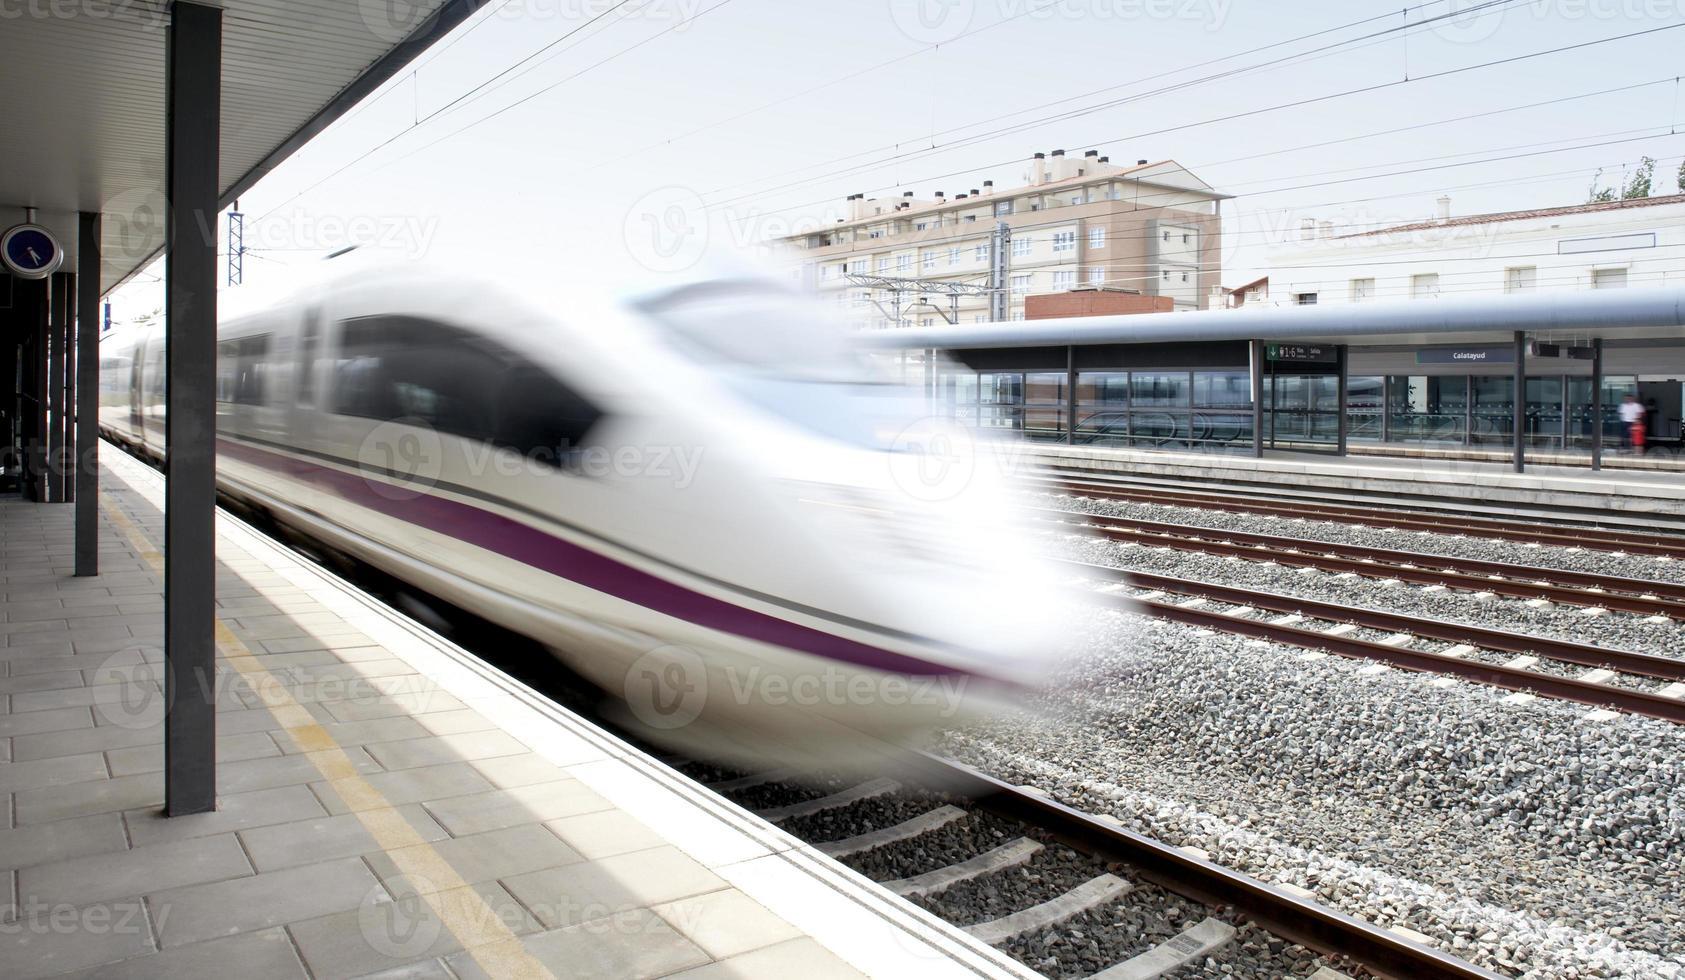 Hochgeschwindigkeitszug in Bewegung auf einem Bahnhof foto